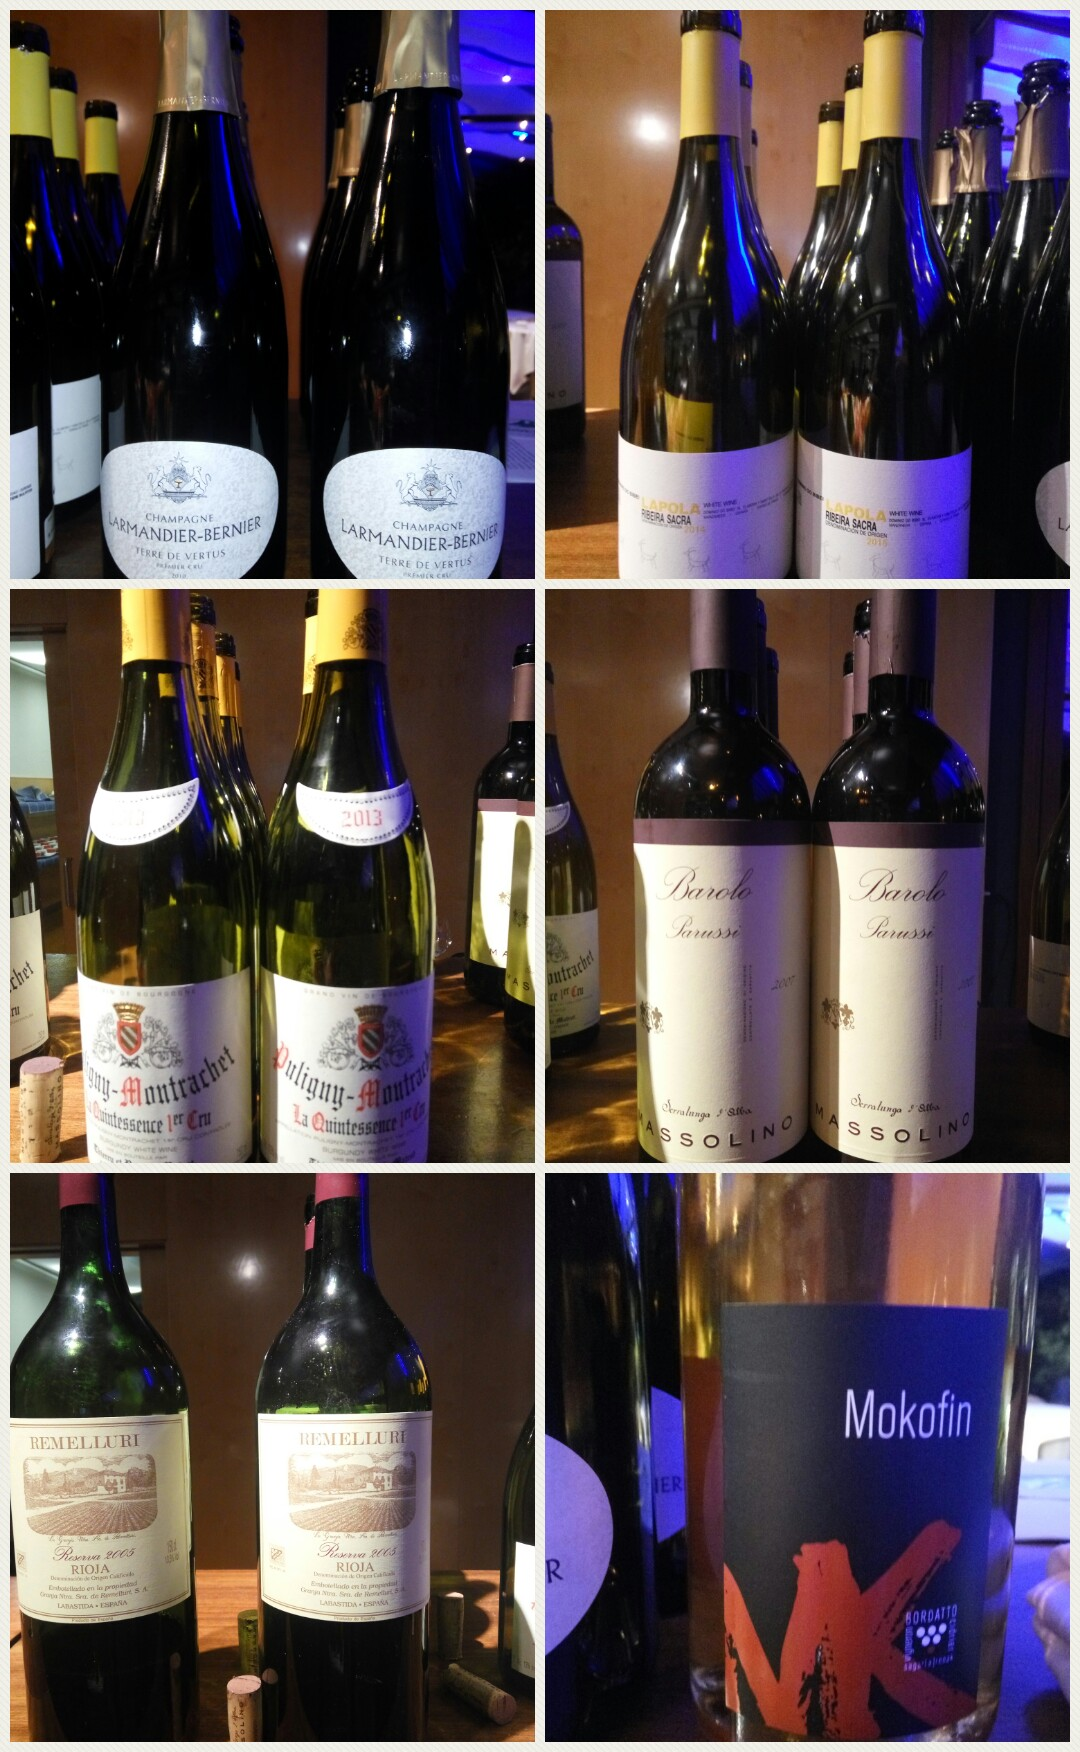 Restaurante Hotel Restaurante Jaizkibel Los vinos